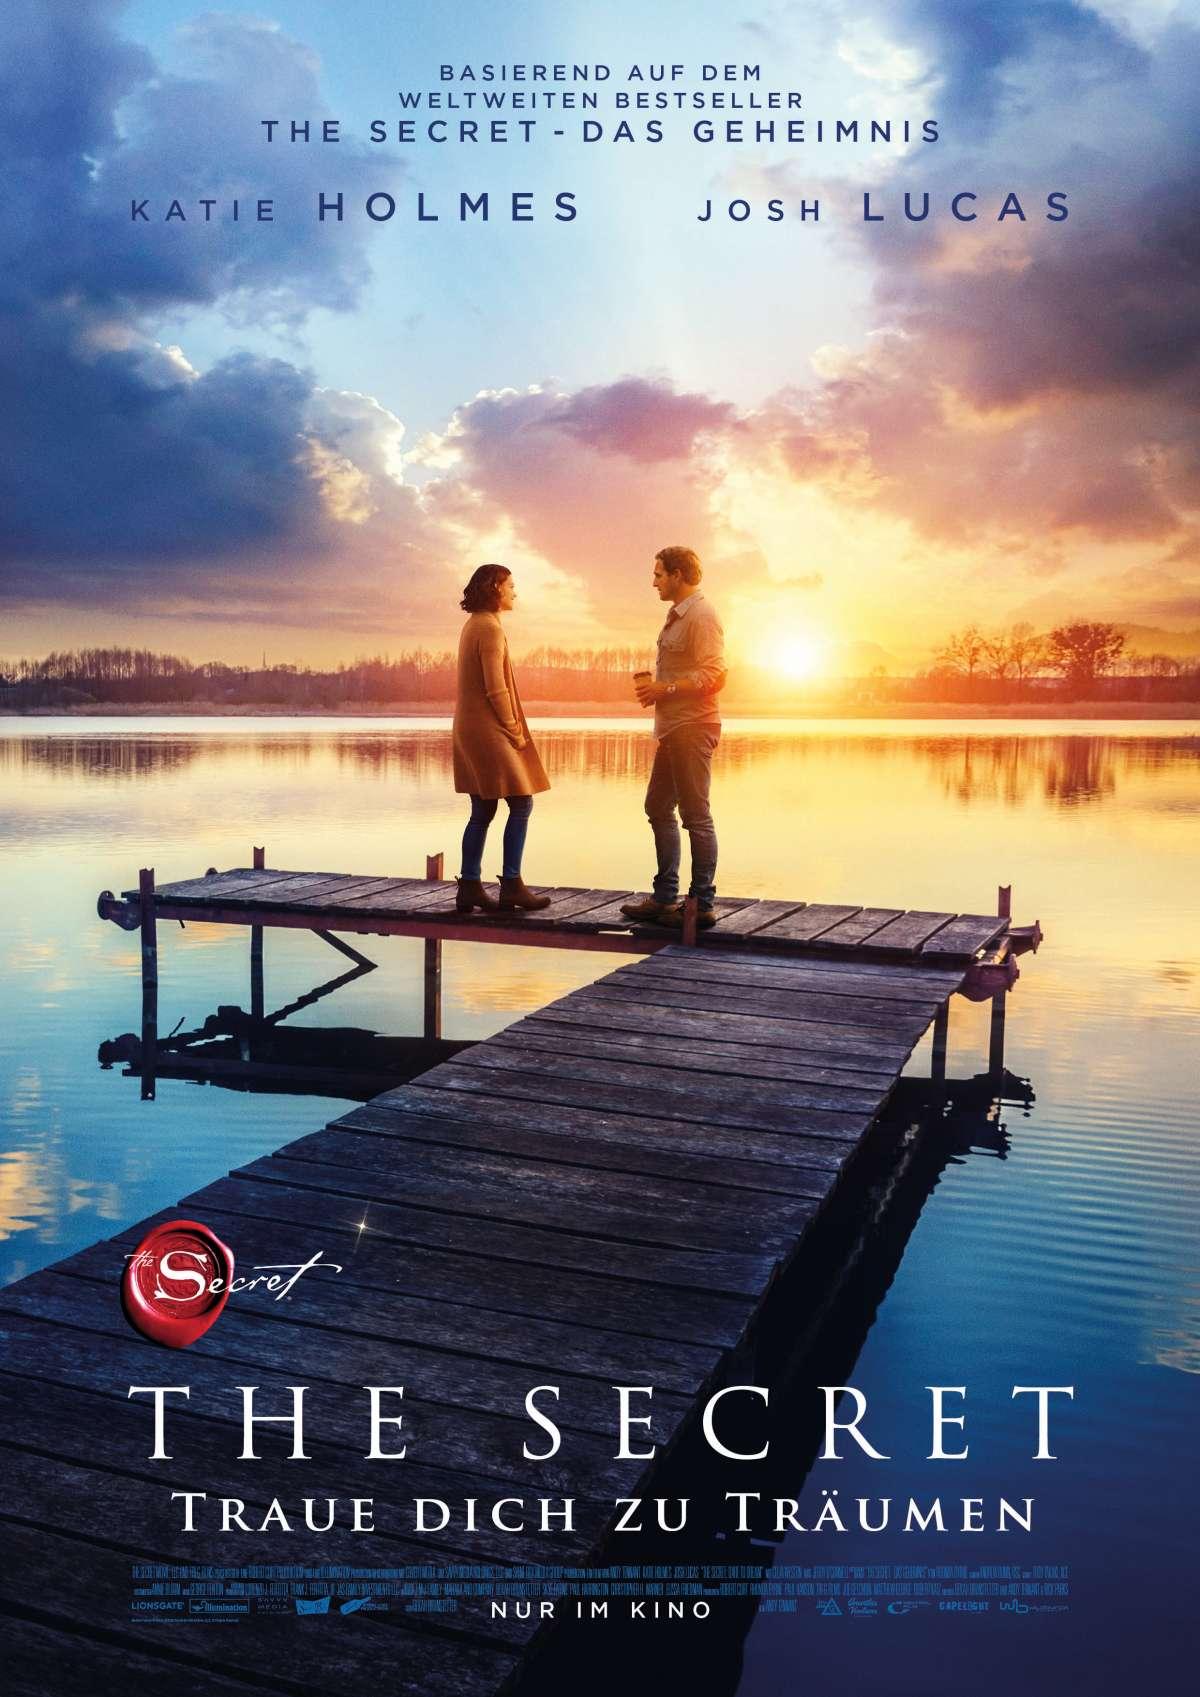 The Secret - Traue dich zu träumen - Cine-Royal  - Fritzlar